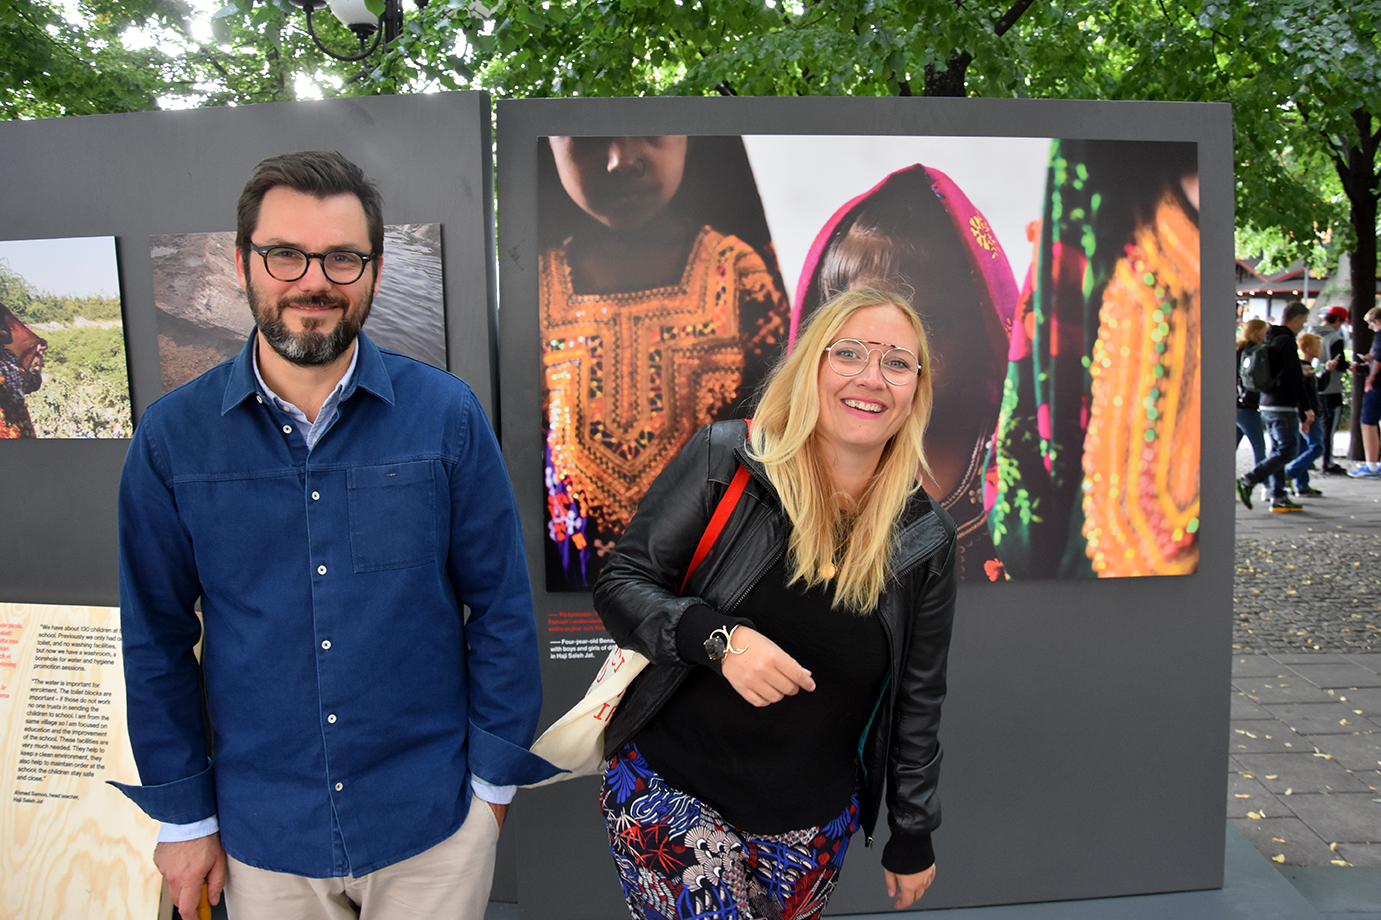 The design duo Jenny Theolin & Dan Bull